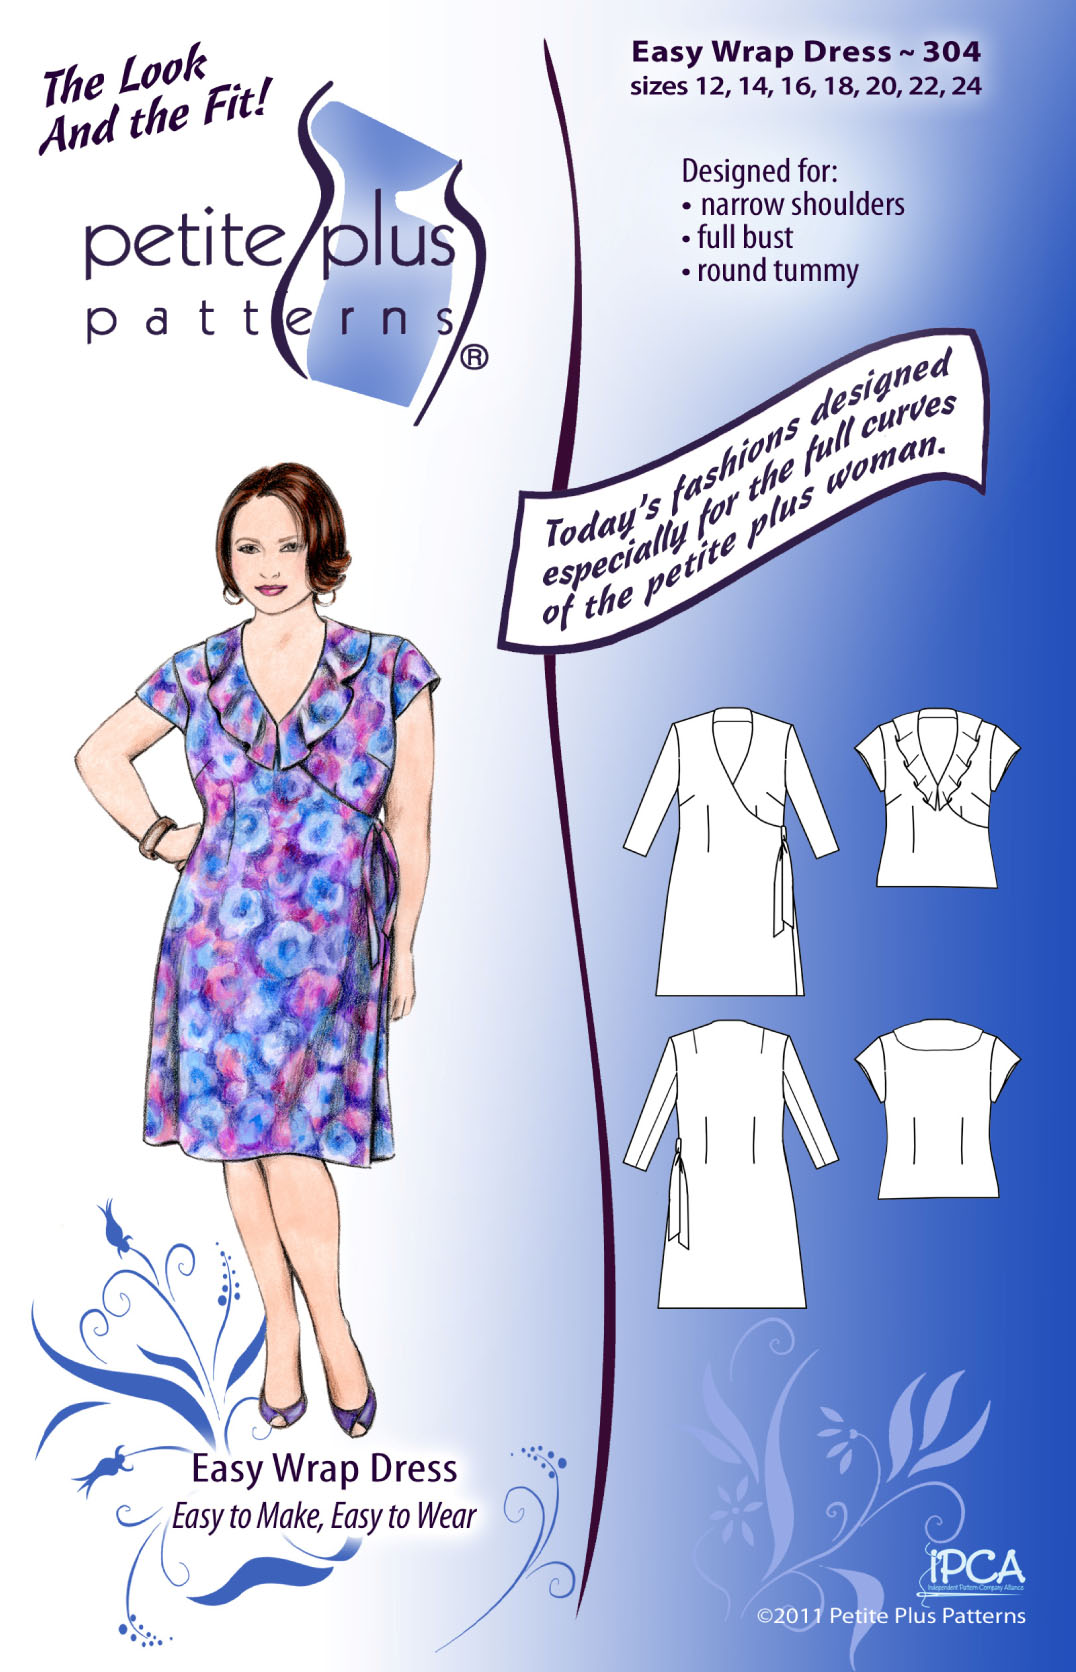 Petite Plus Patterns Easy Wrap Dress 304